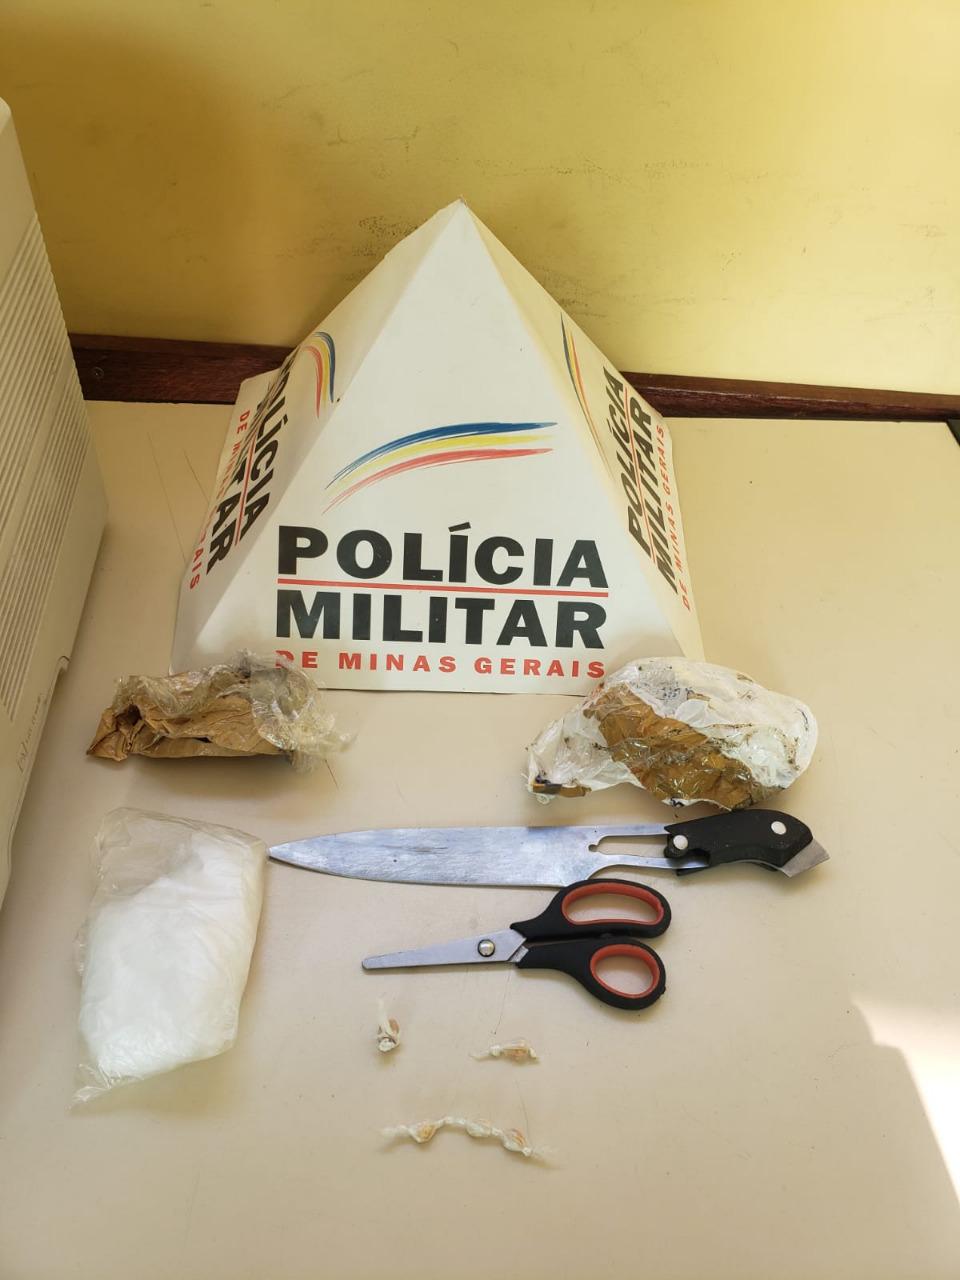 Acusado de tráfico é preso após militares encontrarem drogas em sua residência